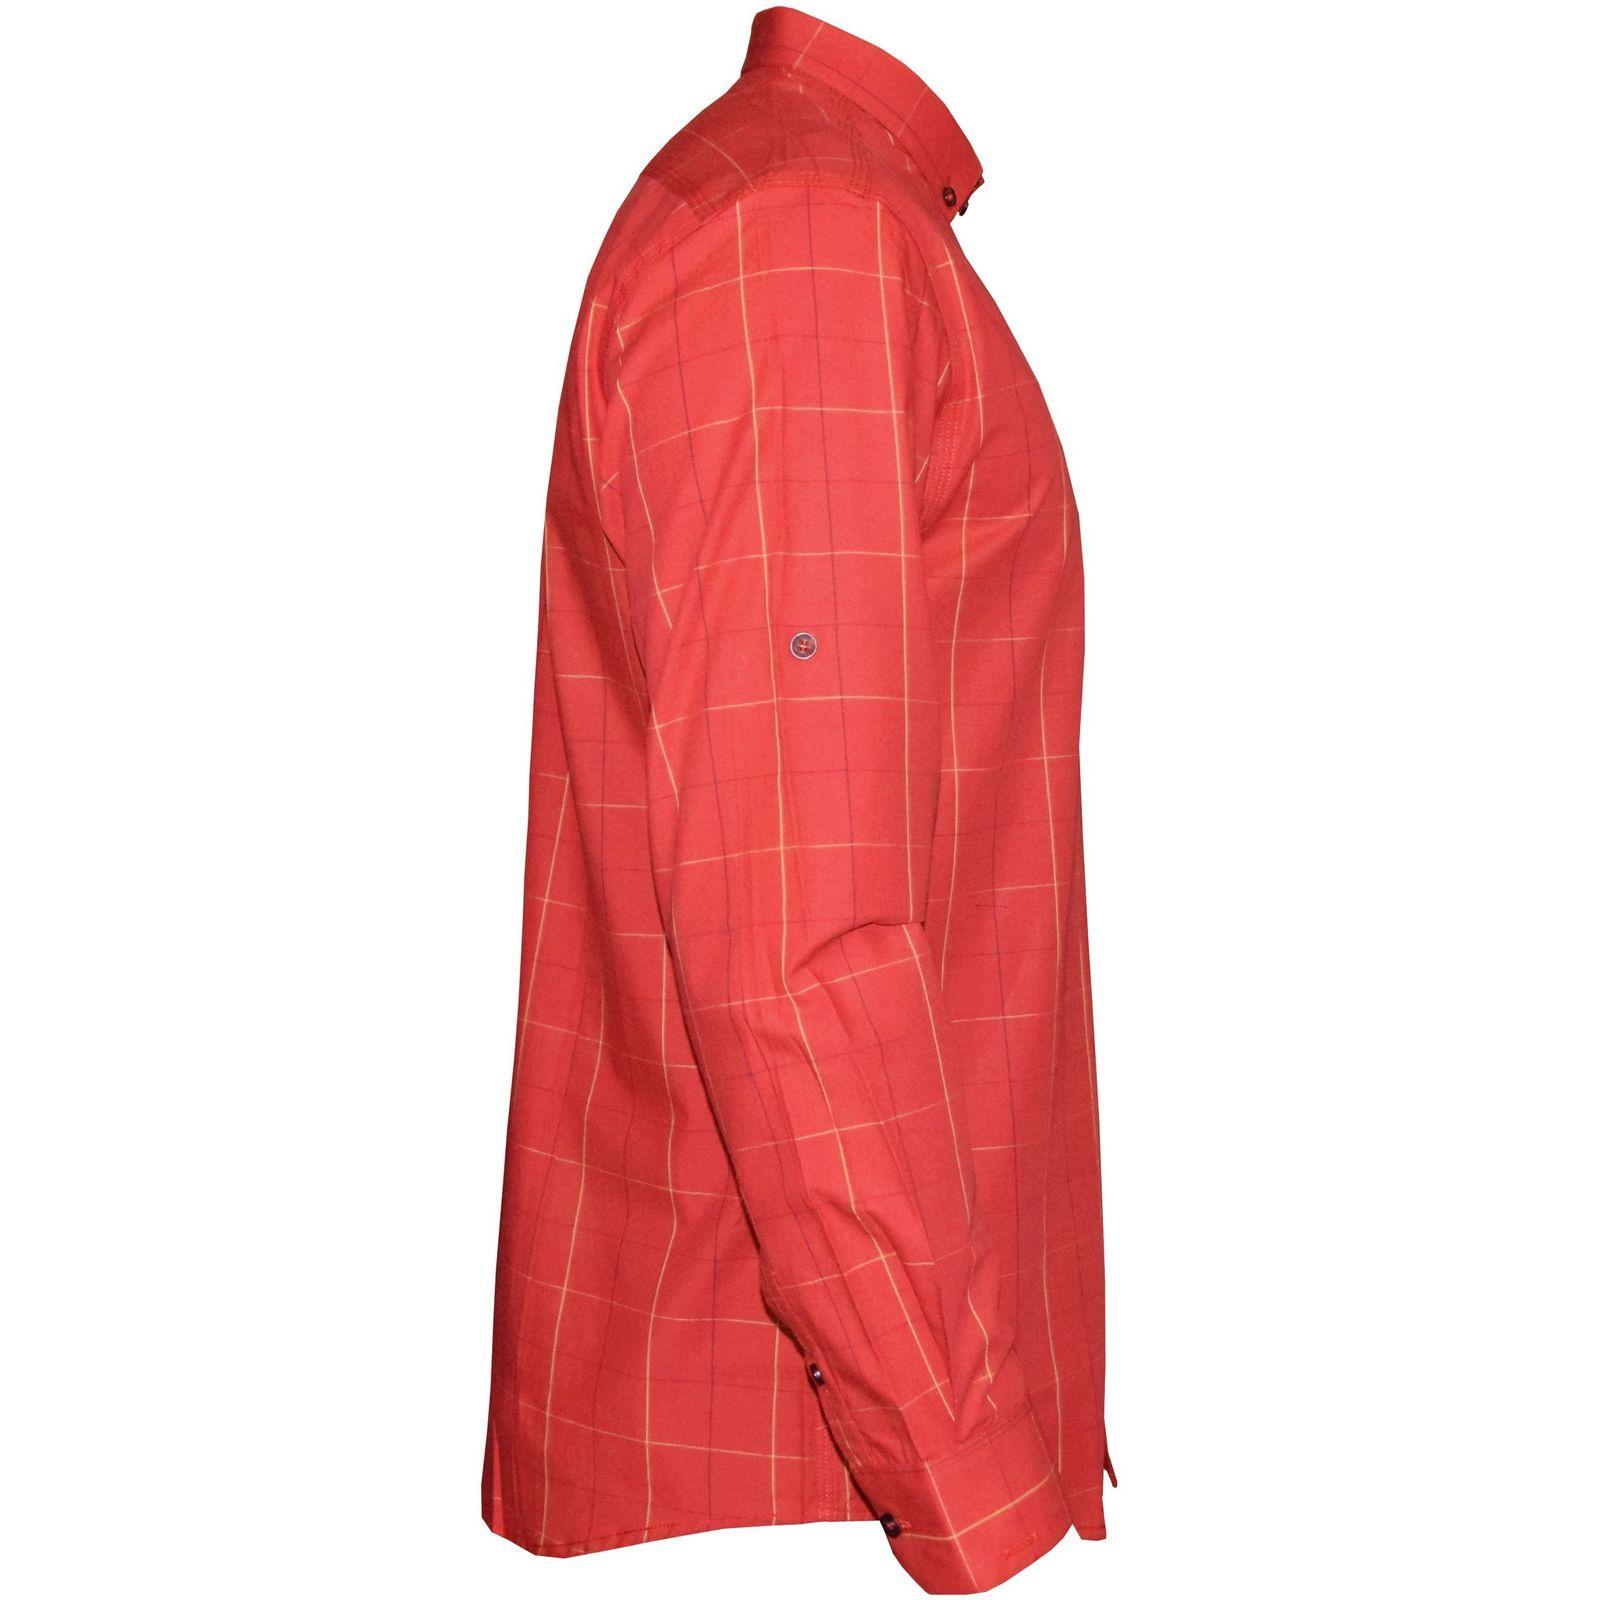 پیراهن مردانه پایتی جامه کد 1901516 main 1 3